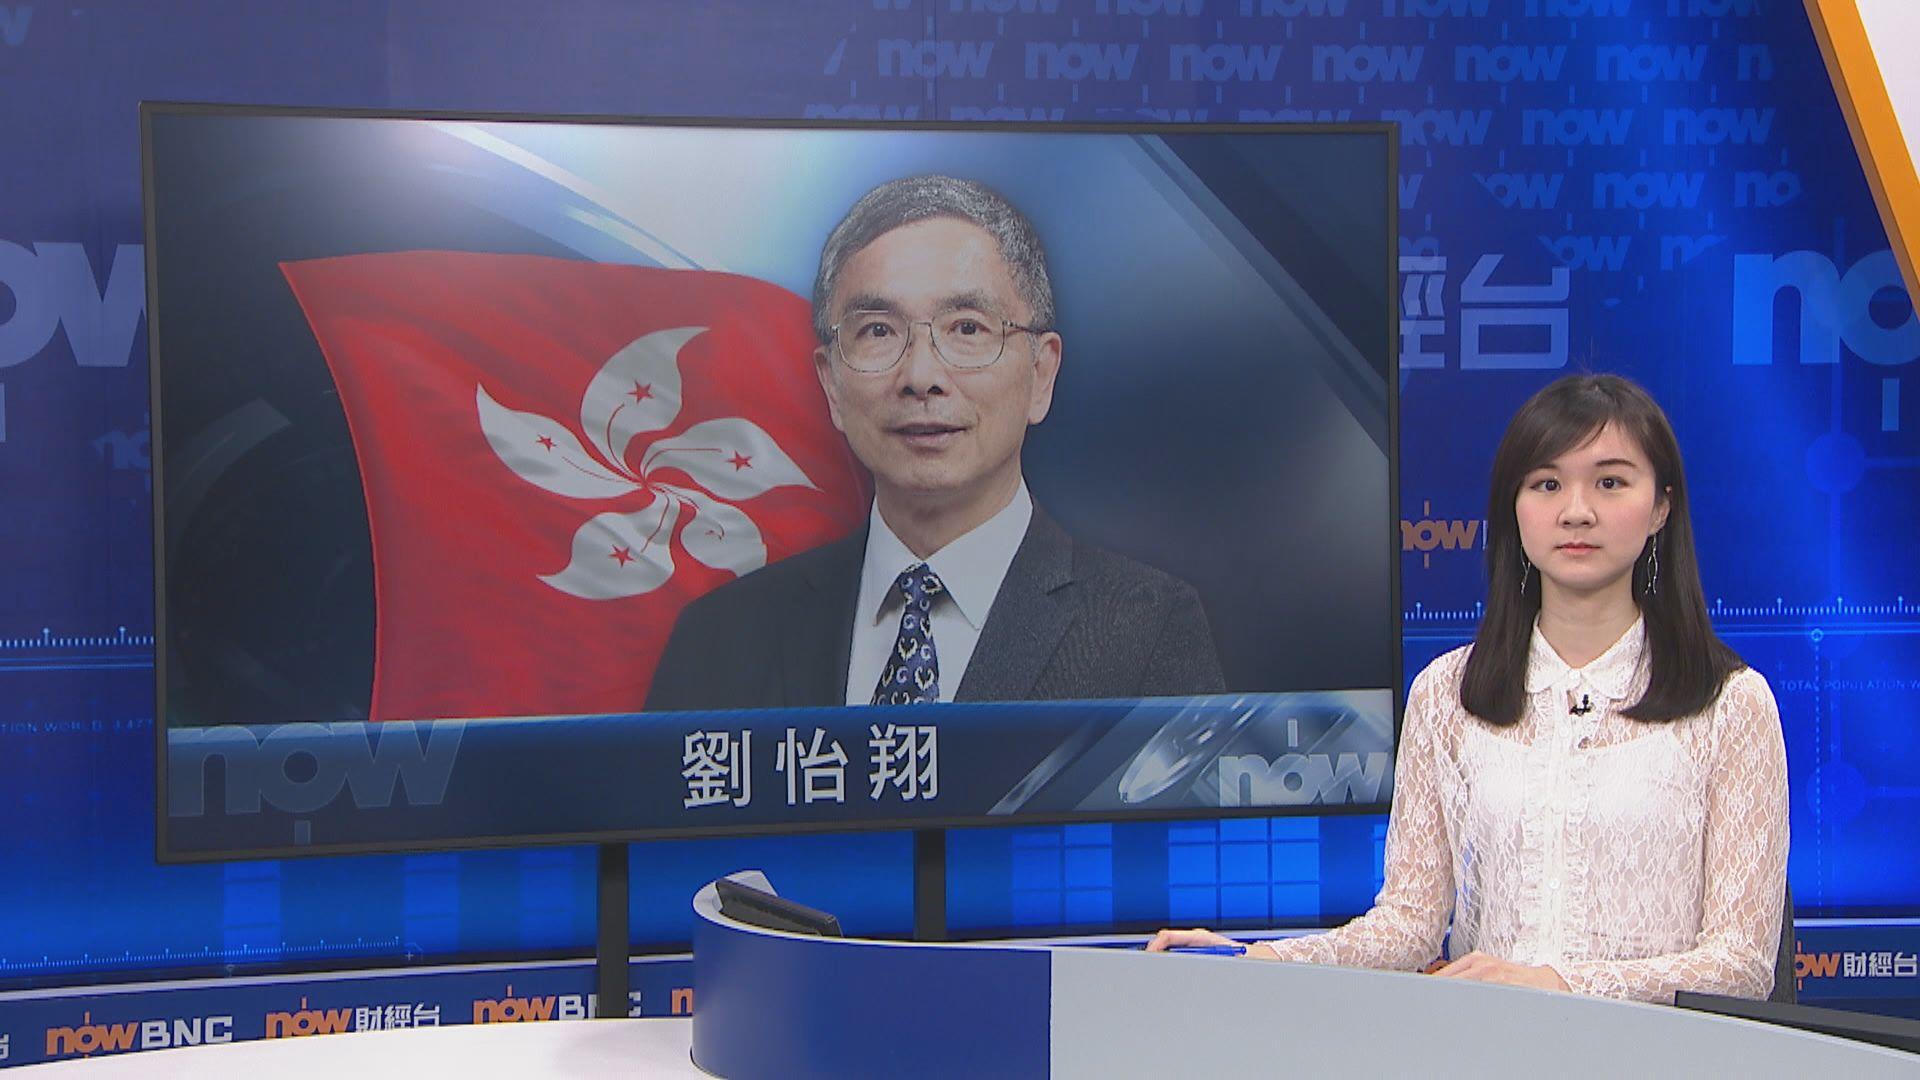 【紓緩措施】劉怡翔:財政預算案將公布紓緩壓力措施